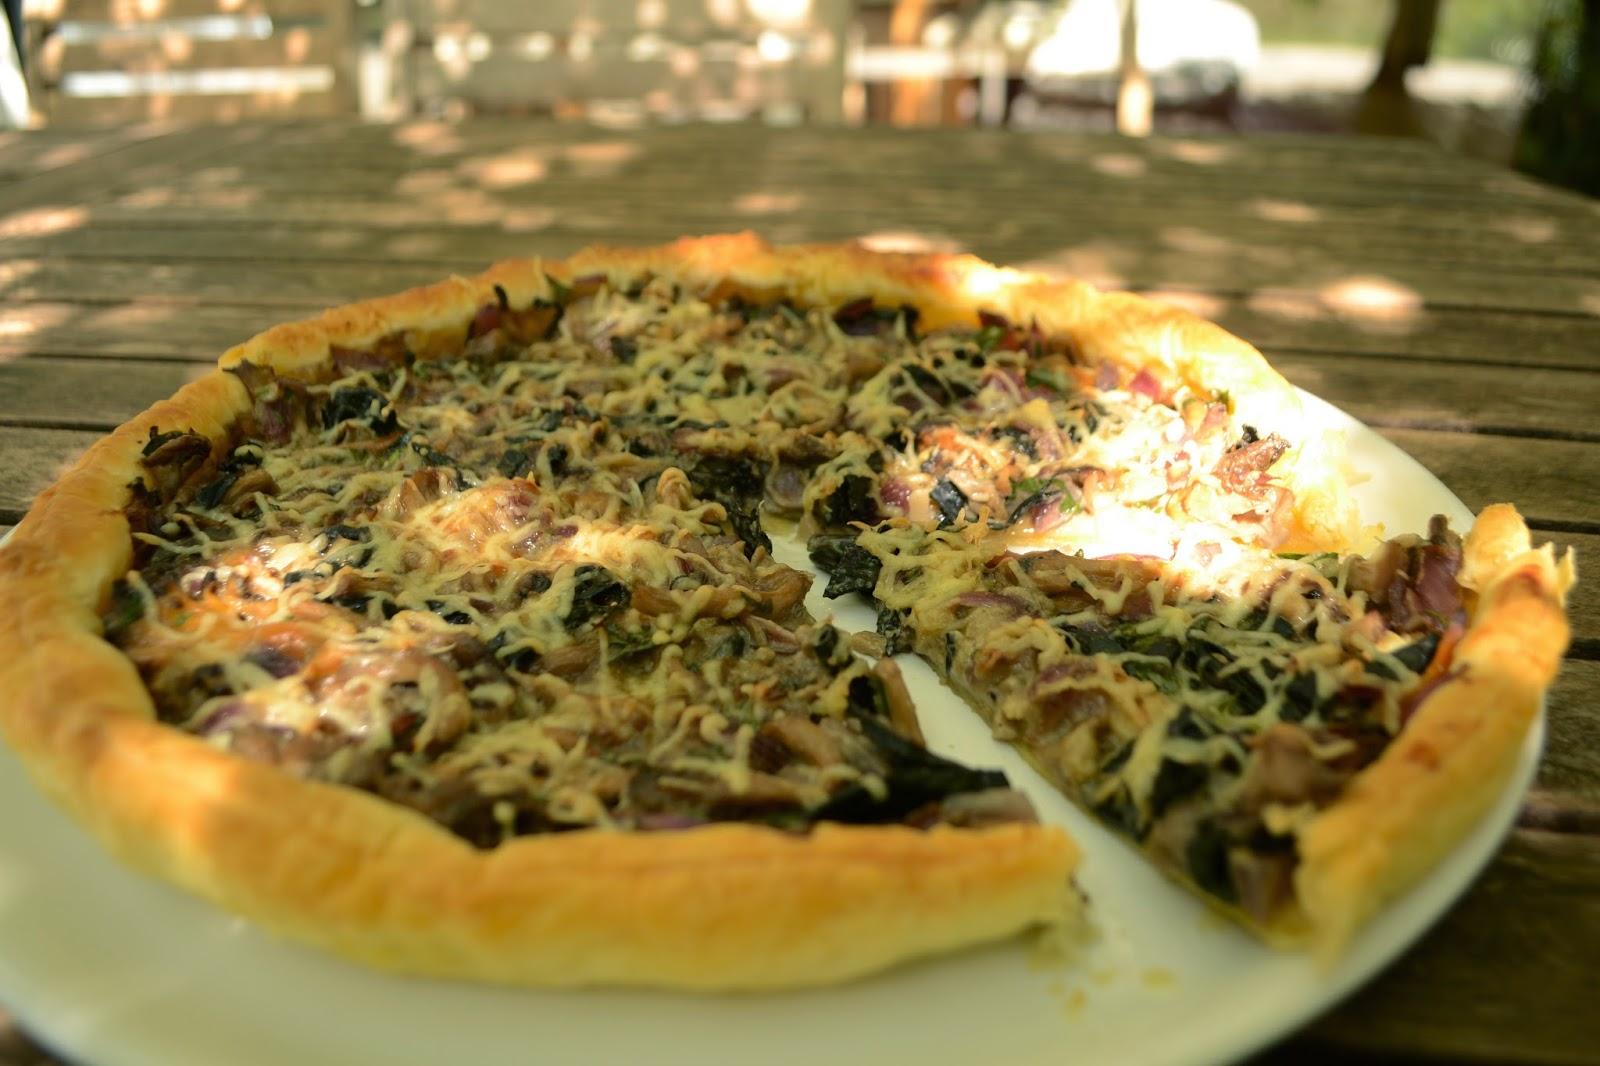 Les petits plats dans les grands : Tarte fine aux champignons